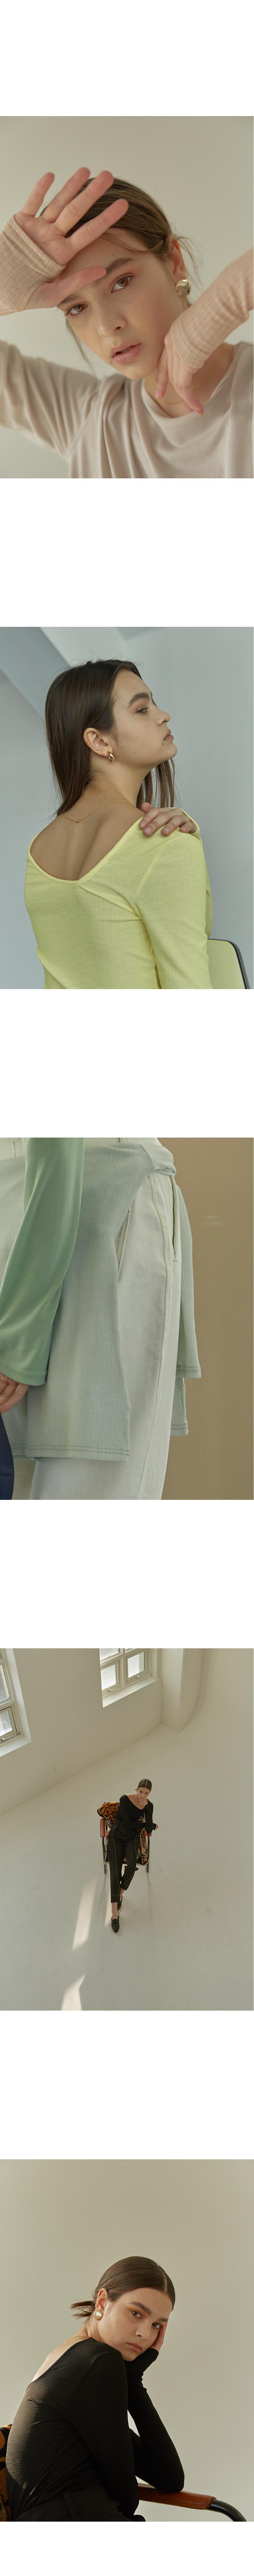 마조네(MA JOURNEE) 넥포인트 티셔츠_블랙